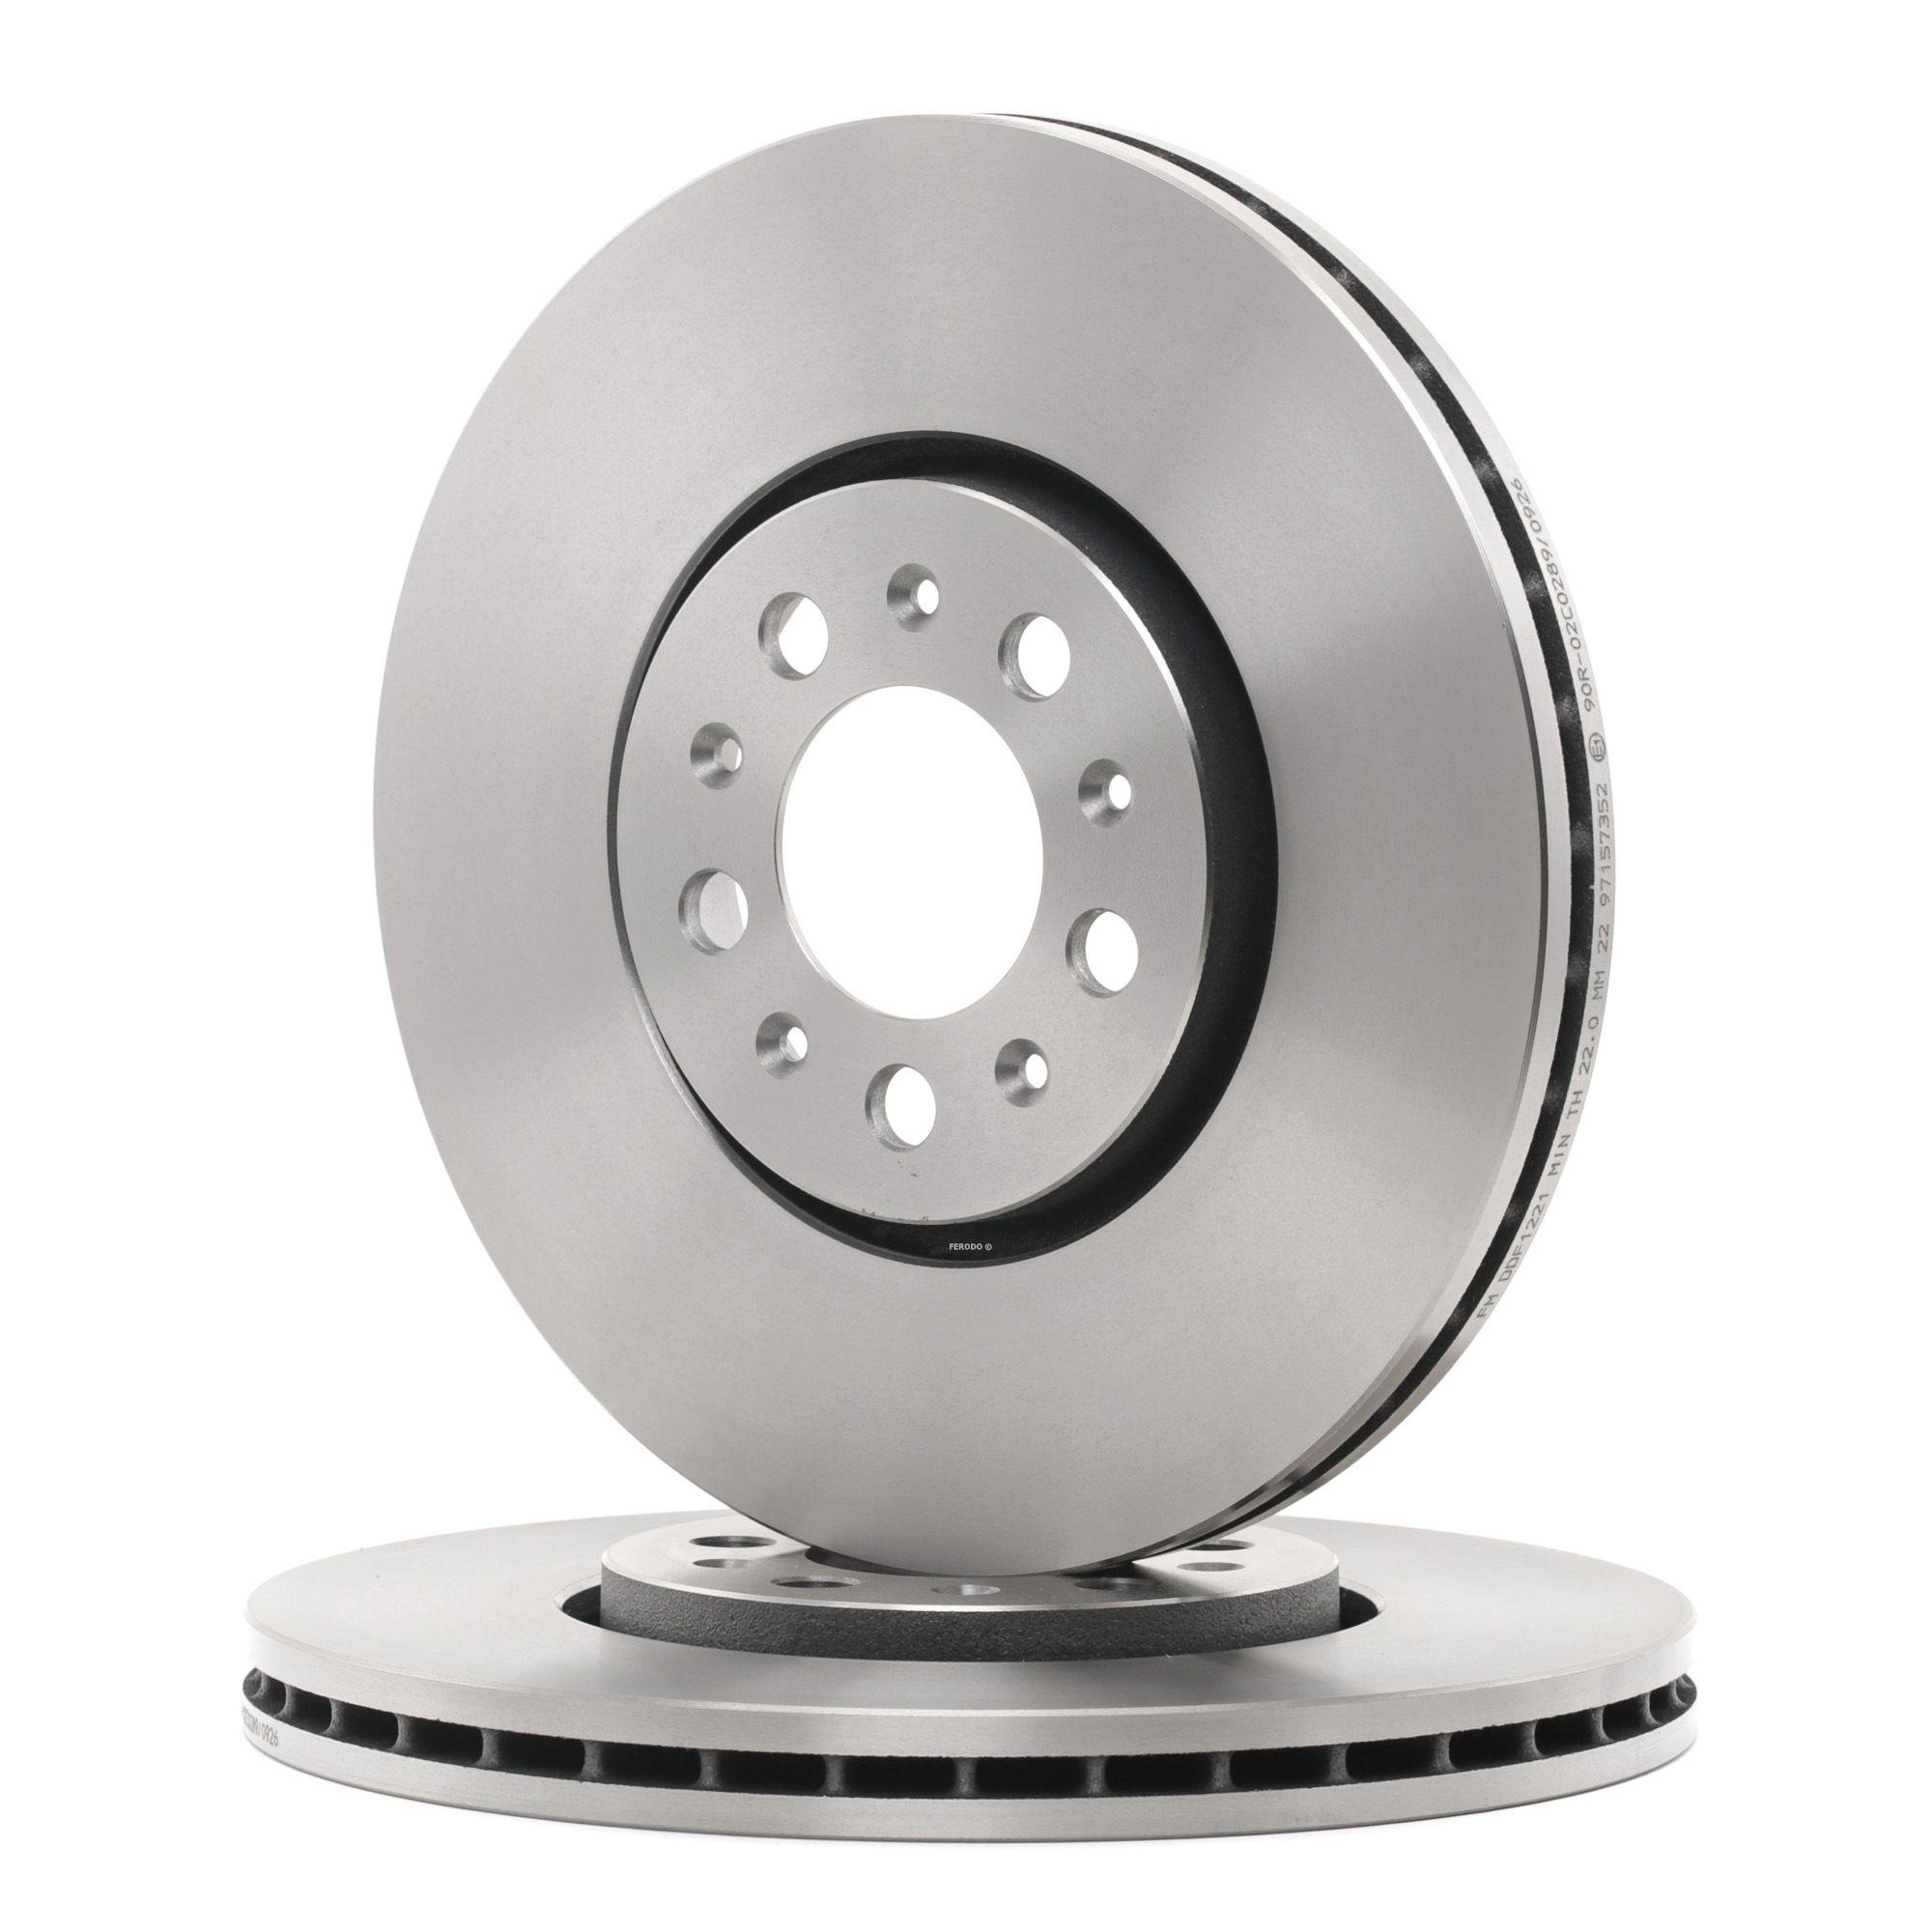 Achetez Disque FERODO DDF1221 (Ø: 288mm, Nbre de trous: 5, Épaisseur du disque de frein: 25mm) à un rapport qualité-prix exceptionnel